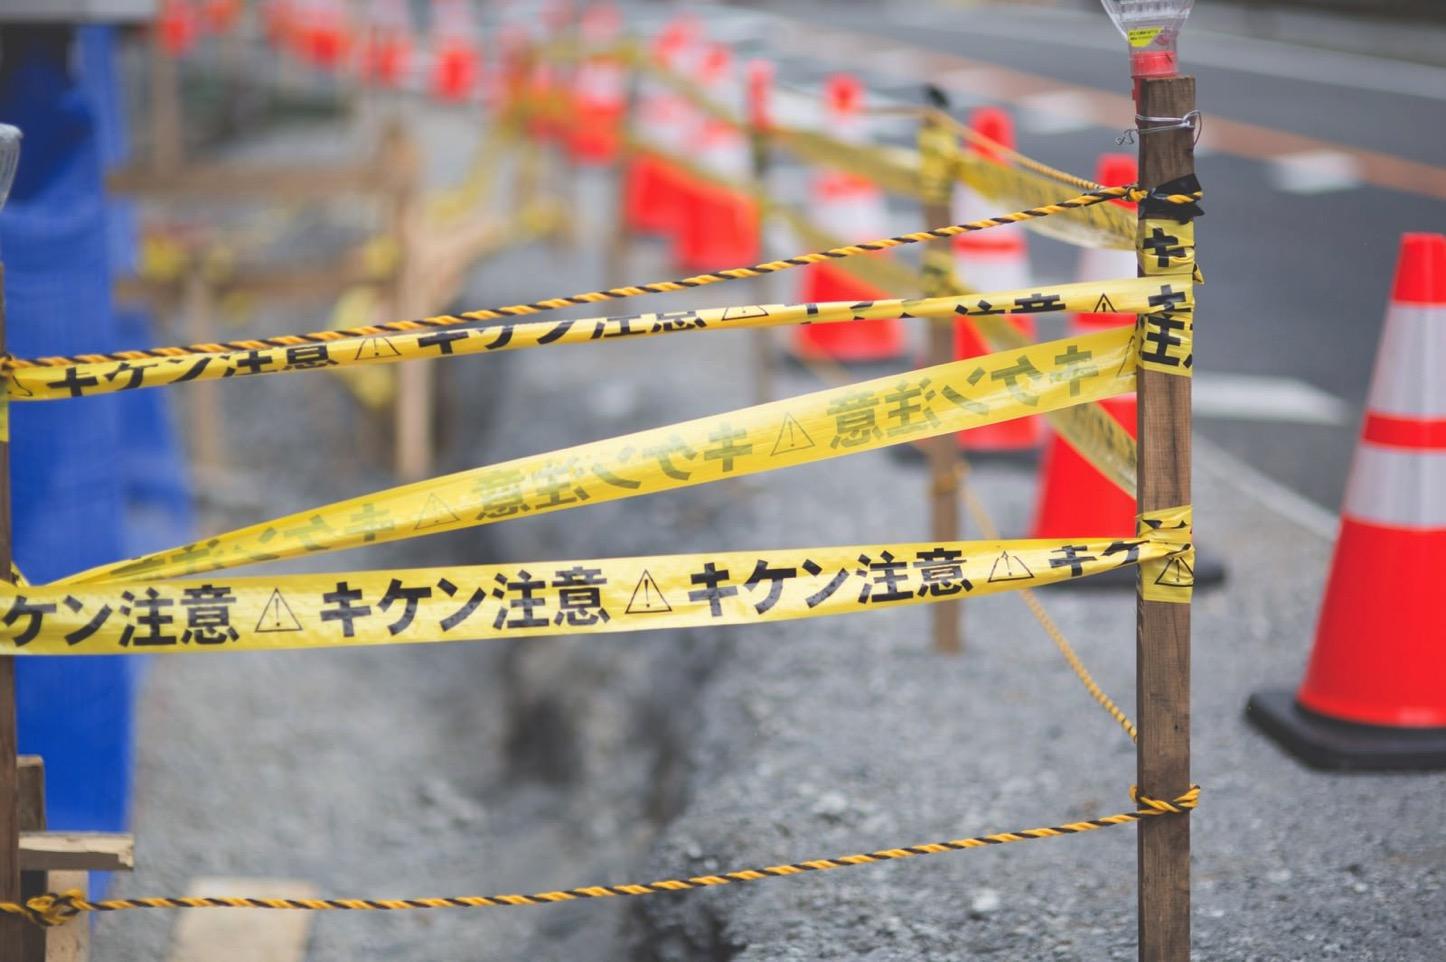 Danger-Do-not-enter-pakutaso.jpg